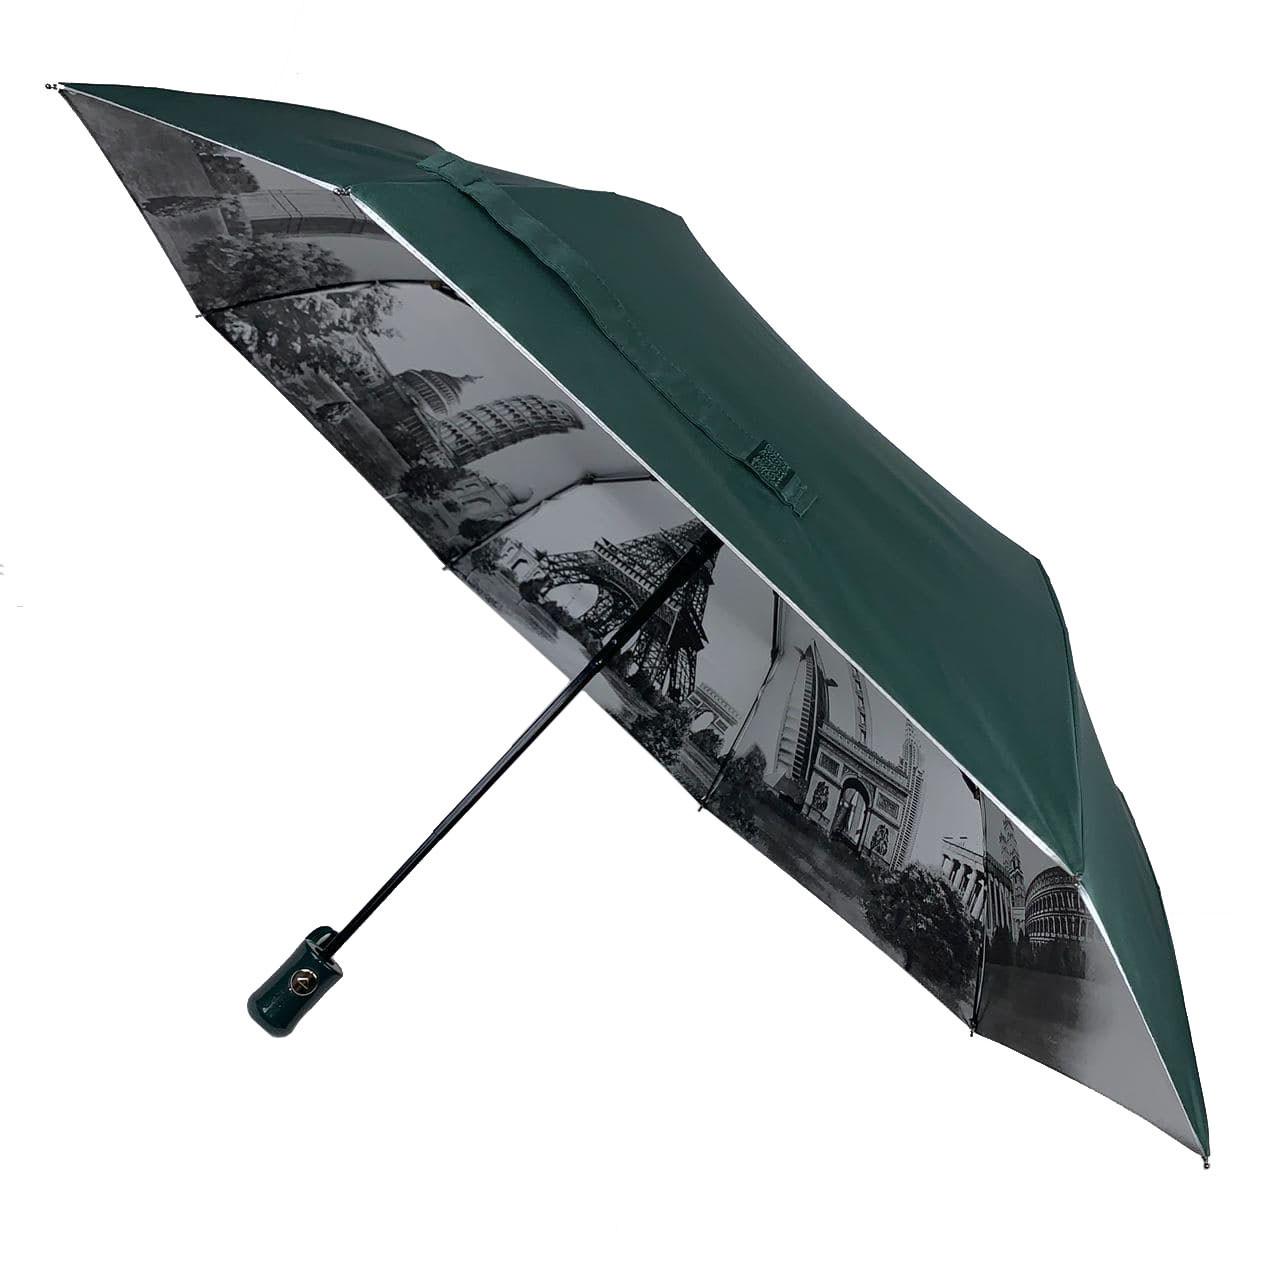 Женский зонтик полуавтомат МАХ с узором изнутри и тефлоновой пропиткой, темно-зеленый, 480-3